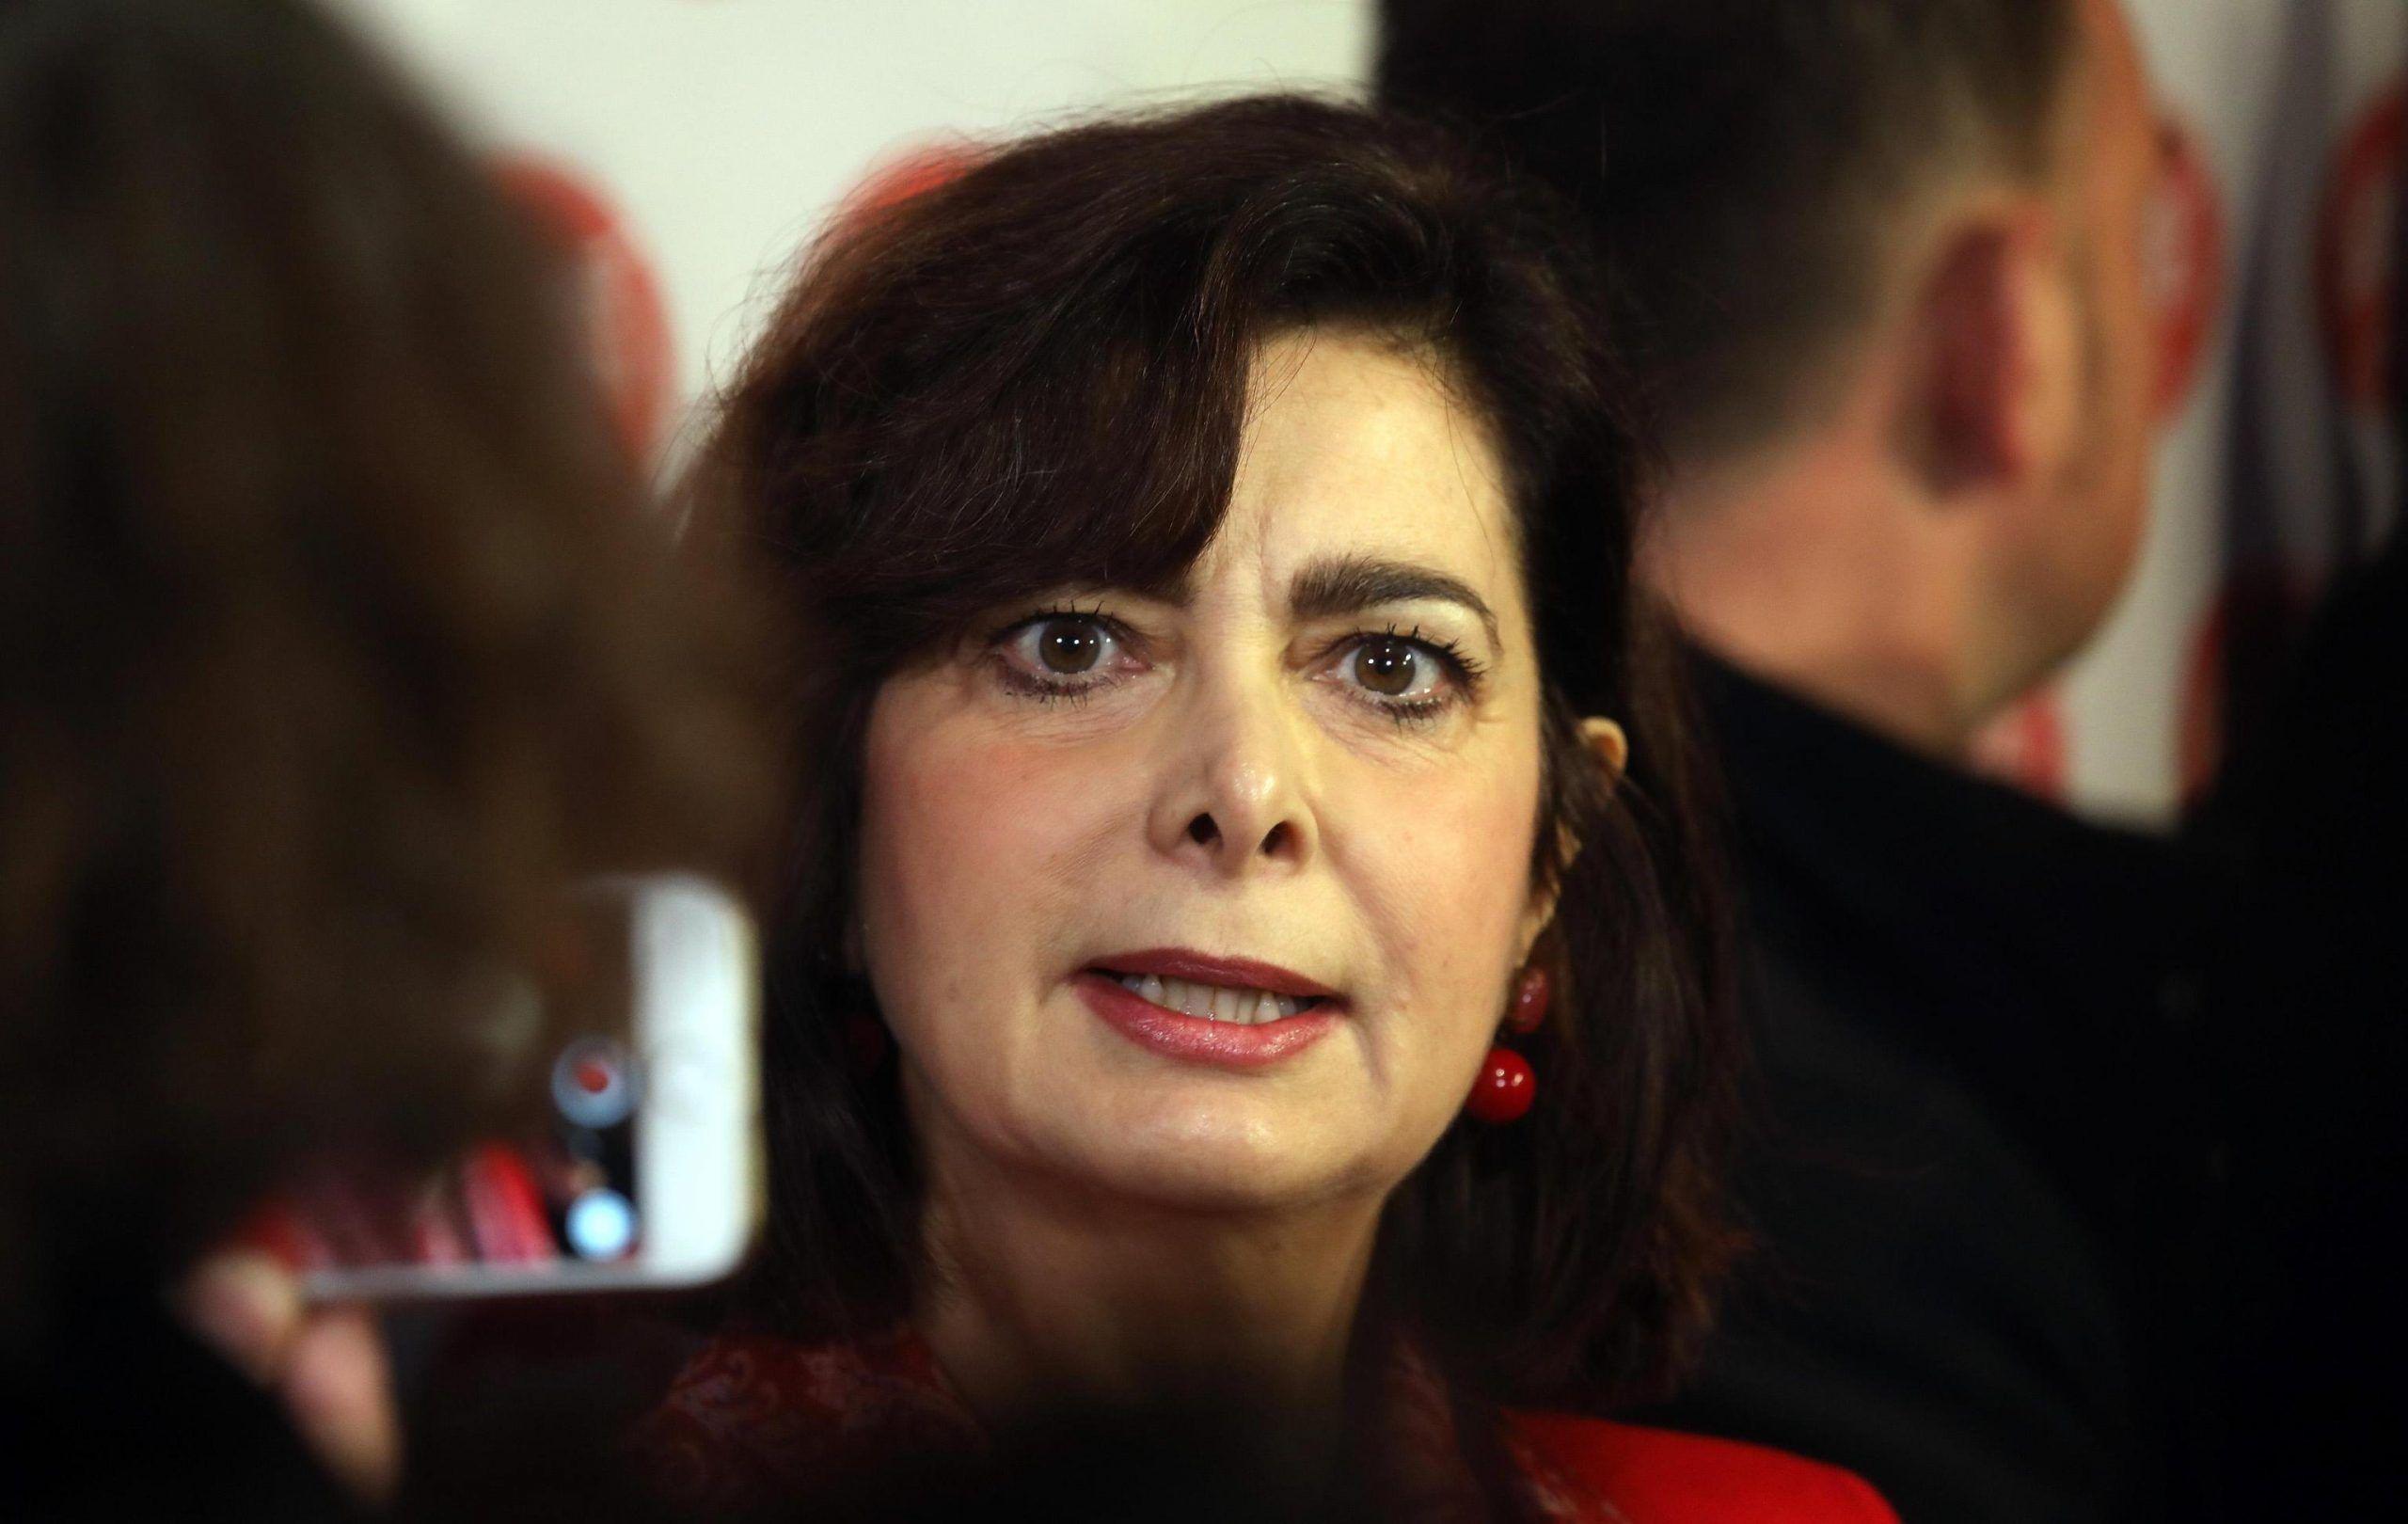 Alitalia: 'Lei deve cambiare posto, in prima fila c'è un disabile'. Invece era Laura Boldrini